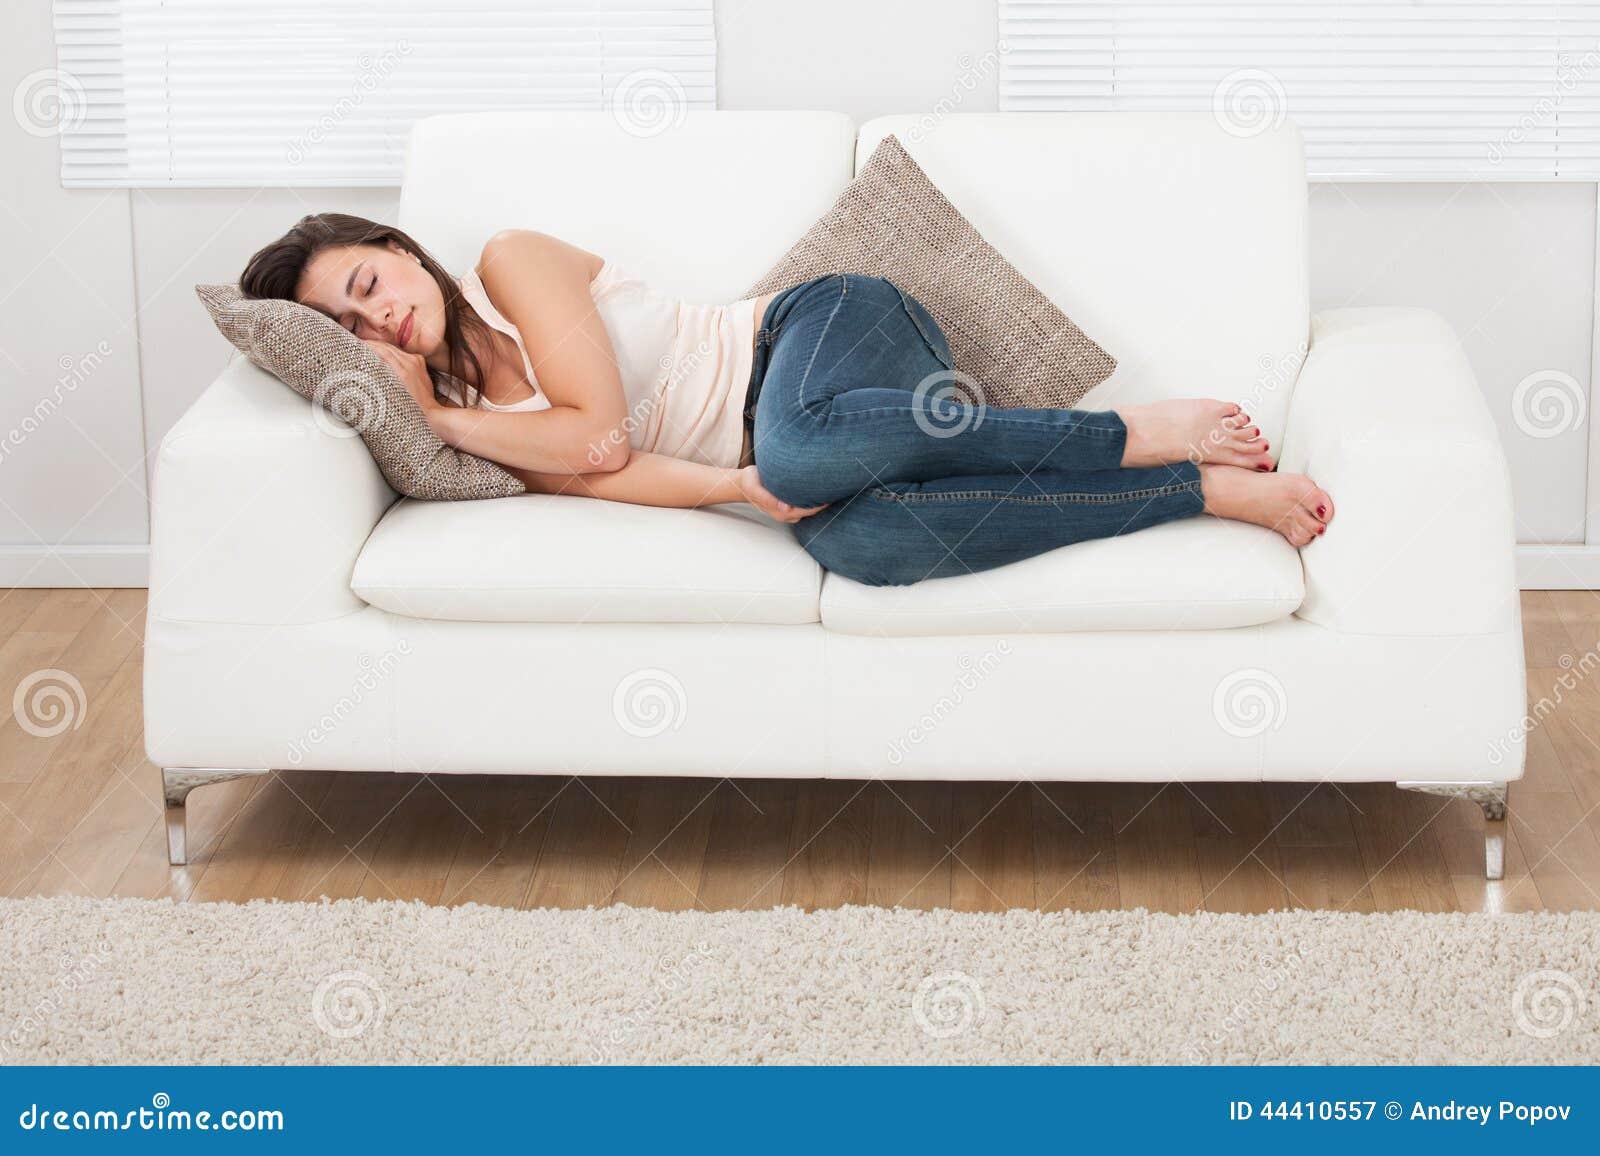 Schlafen auf sofa vektor abbildung bild von spa zeichen 30439015 junge frau die zu hause auf sofa schlft lizenzfreie stockfotografie parisarafo Image collections